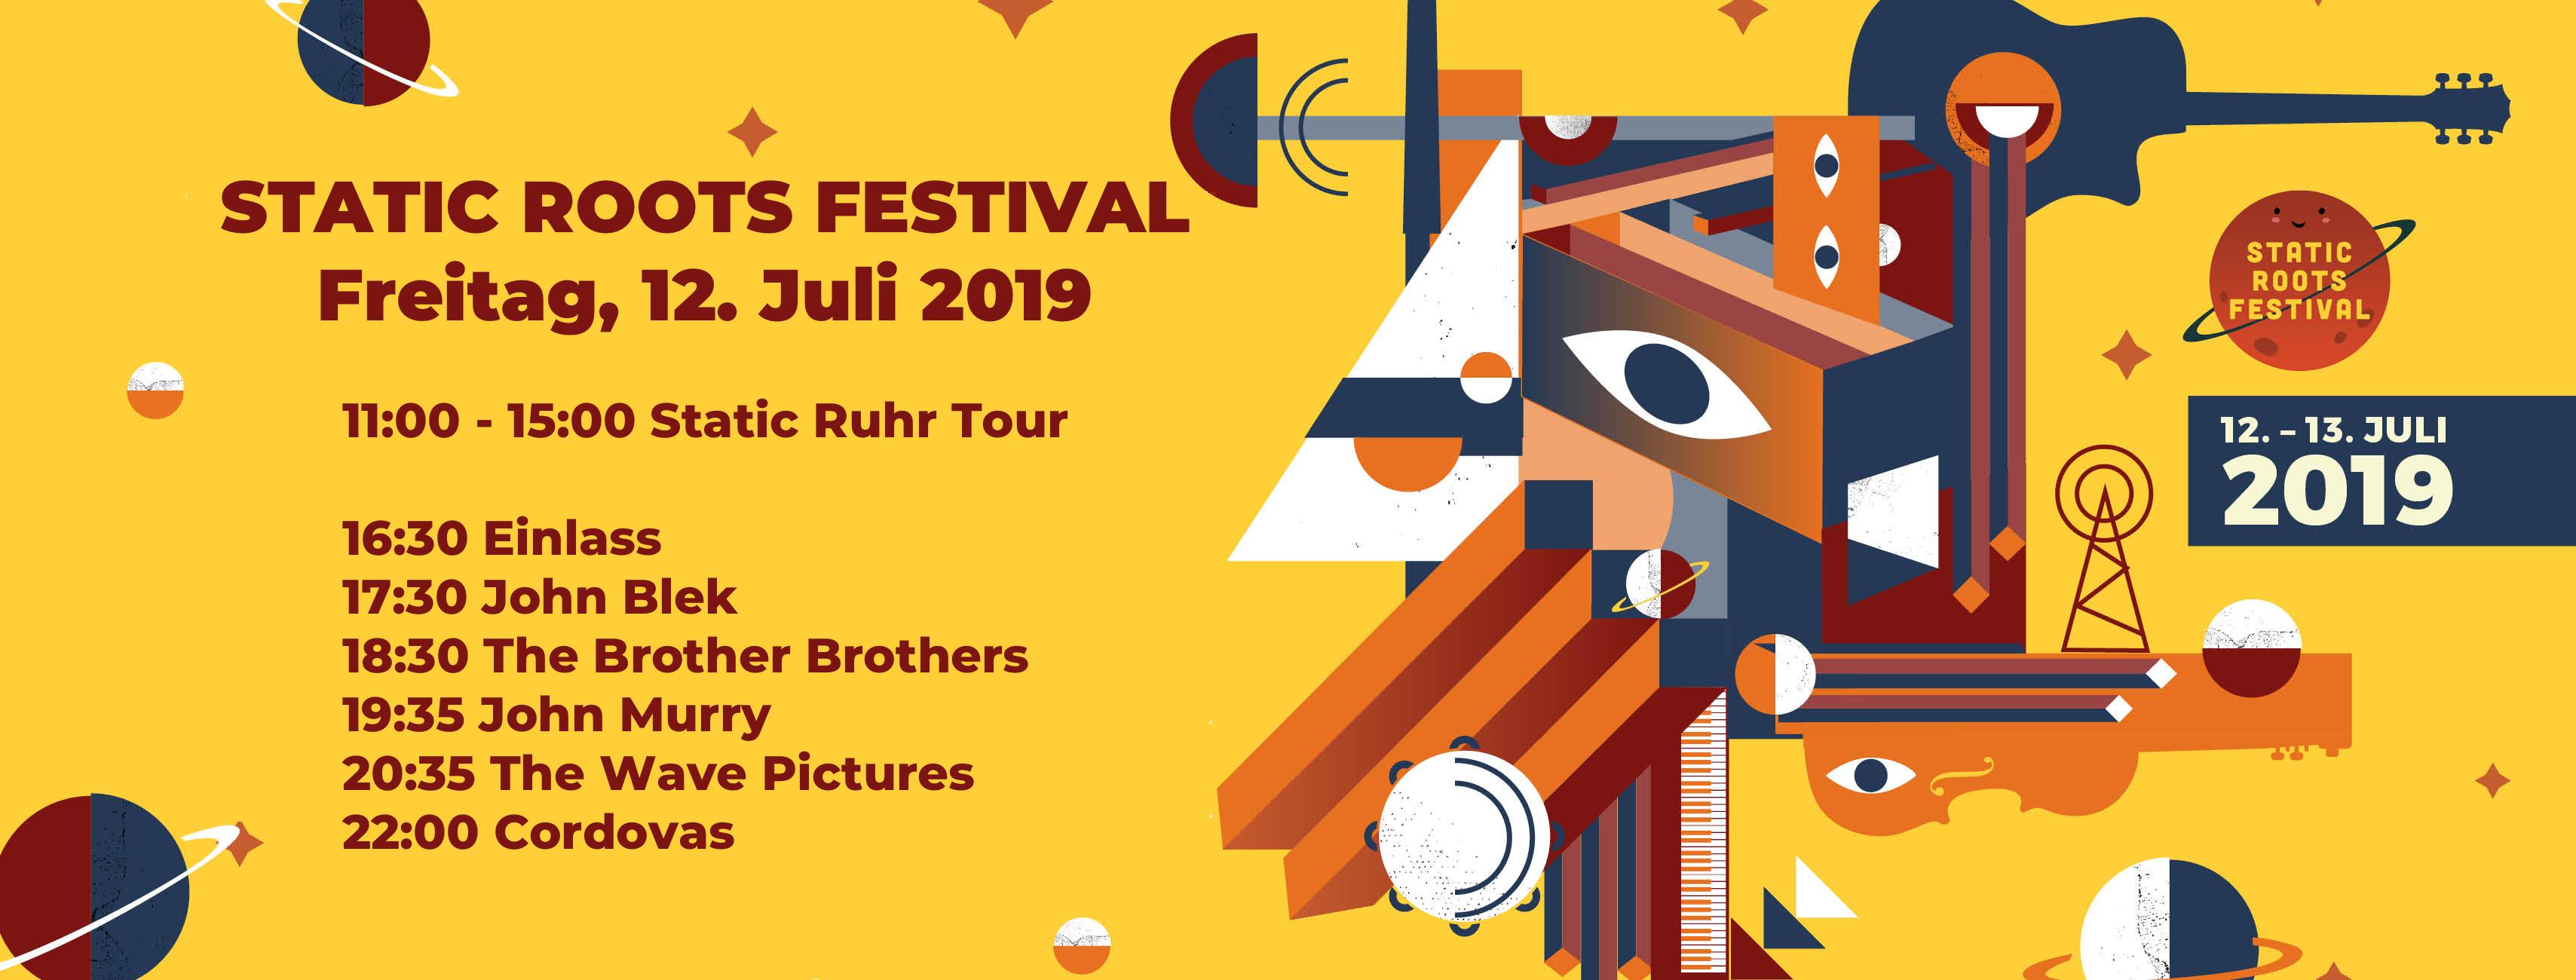 Zeitplan für das Static Roots Festival 2019 / Freitag, 12.07.2019